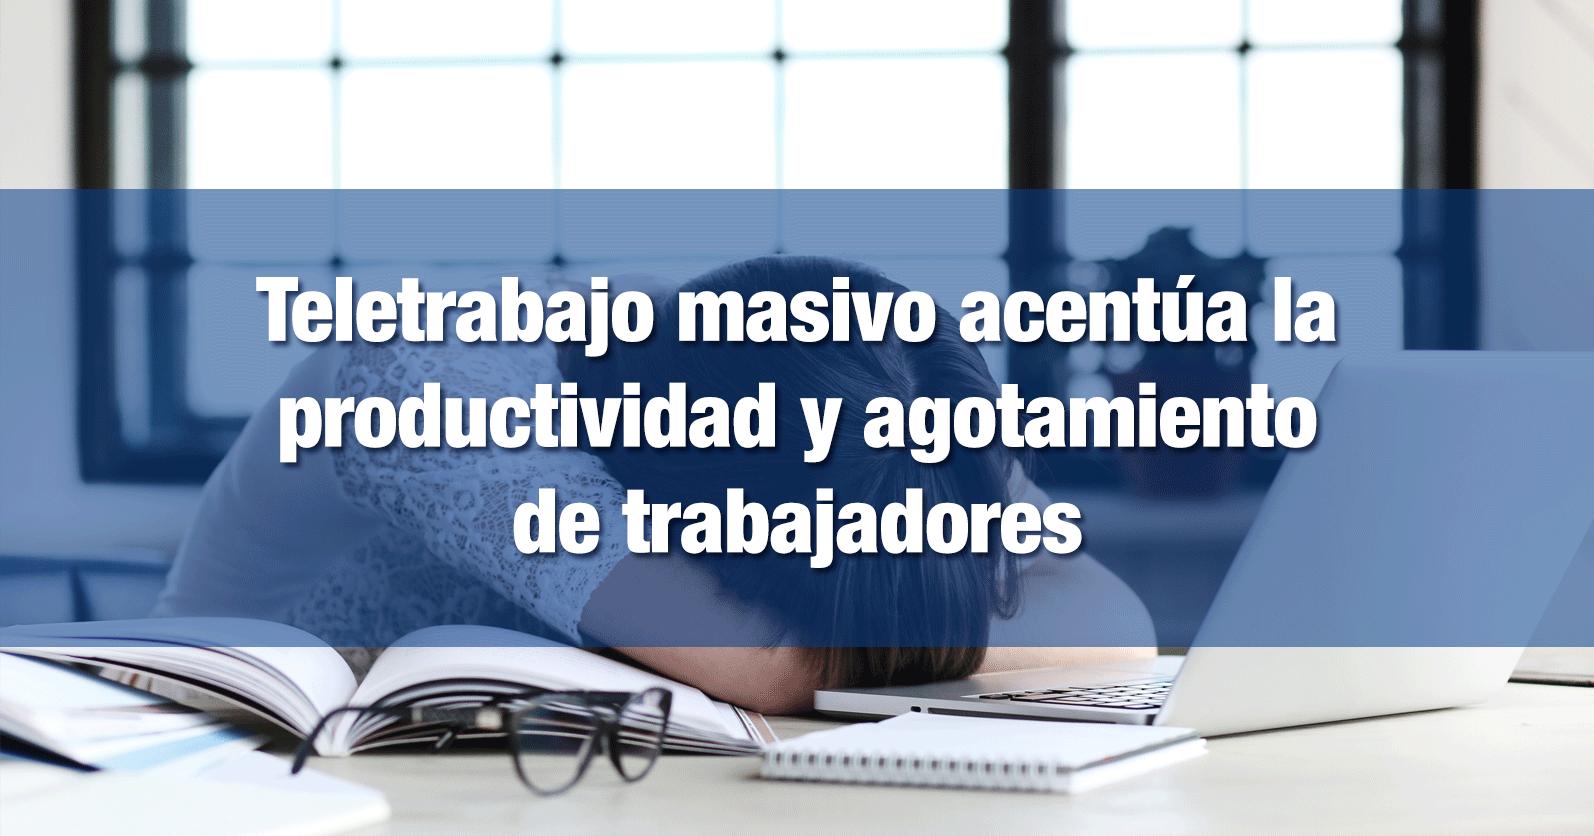 Teletrabajo masivo acentúa la productividad y agotamiento de trabajadores